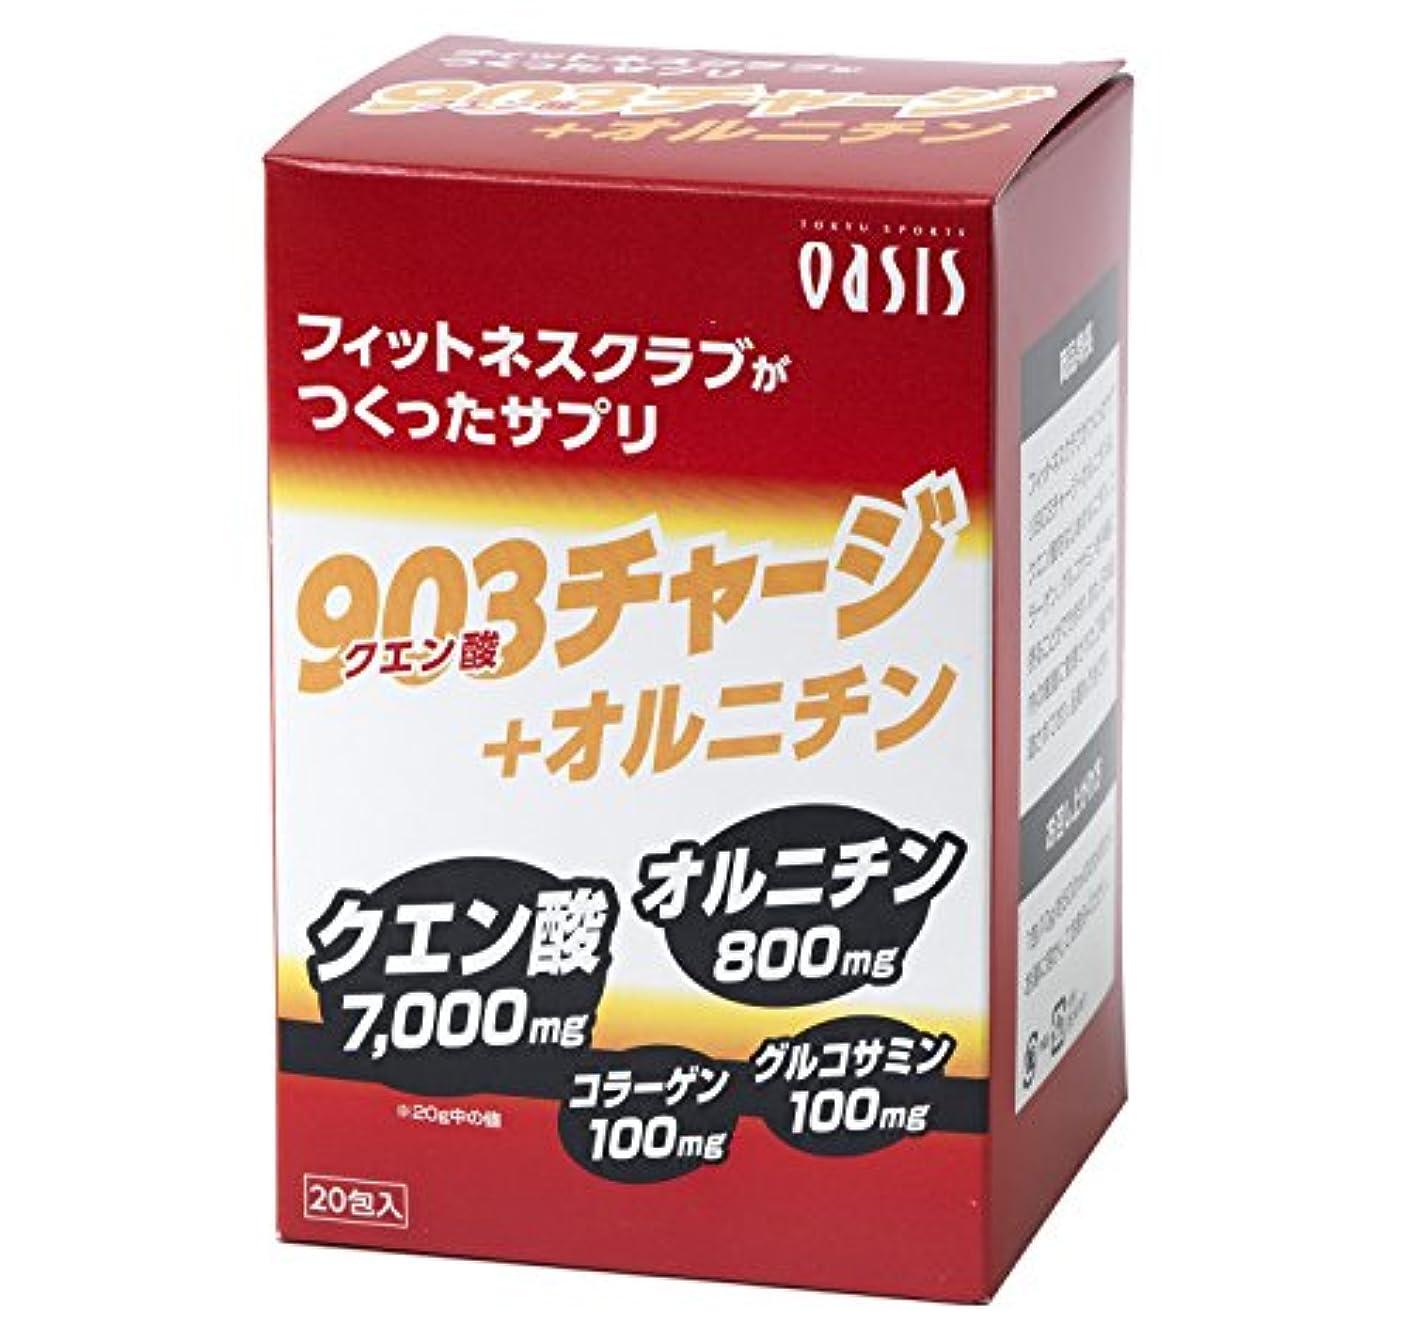 幻想生き物思慮深い903チャージ サプリメント (クエン酸+オルニチン) 200g (10g x 20包)